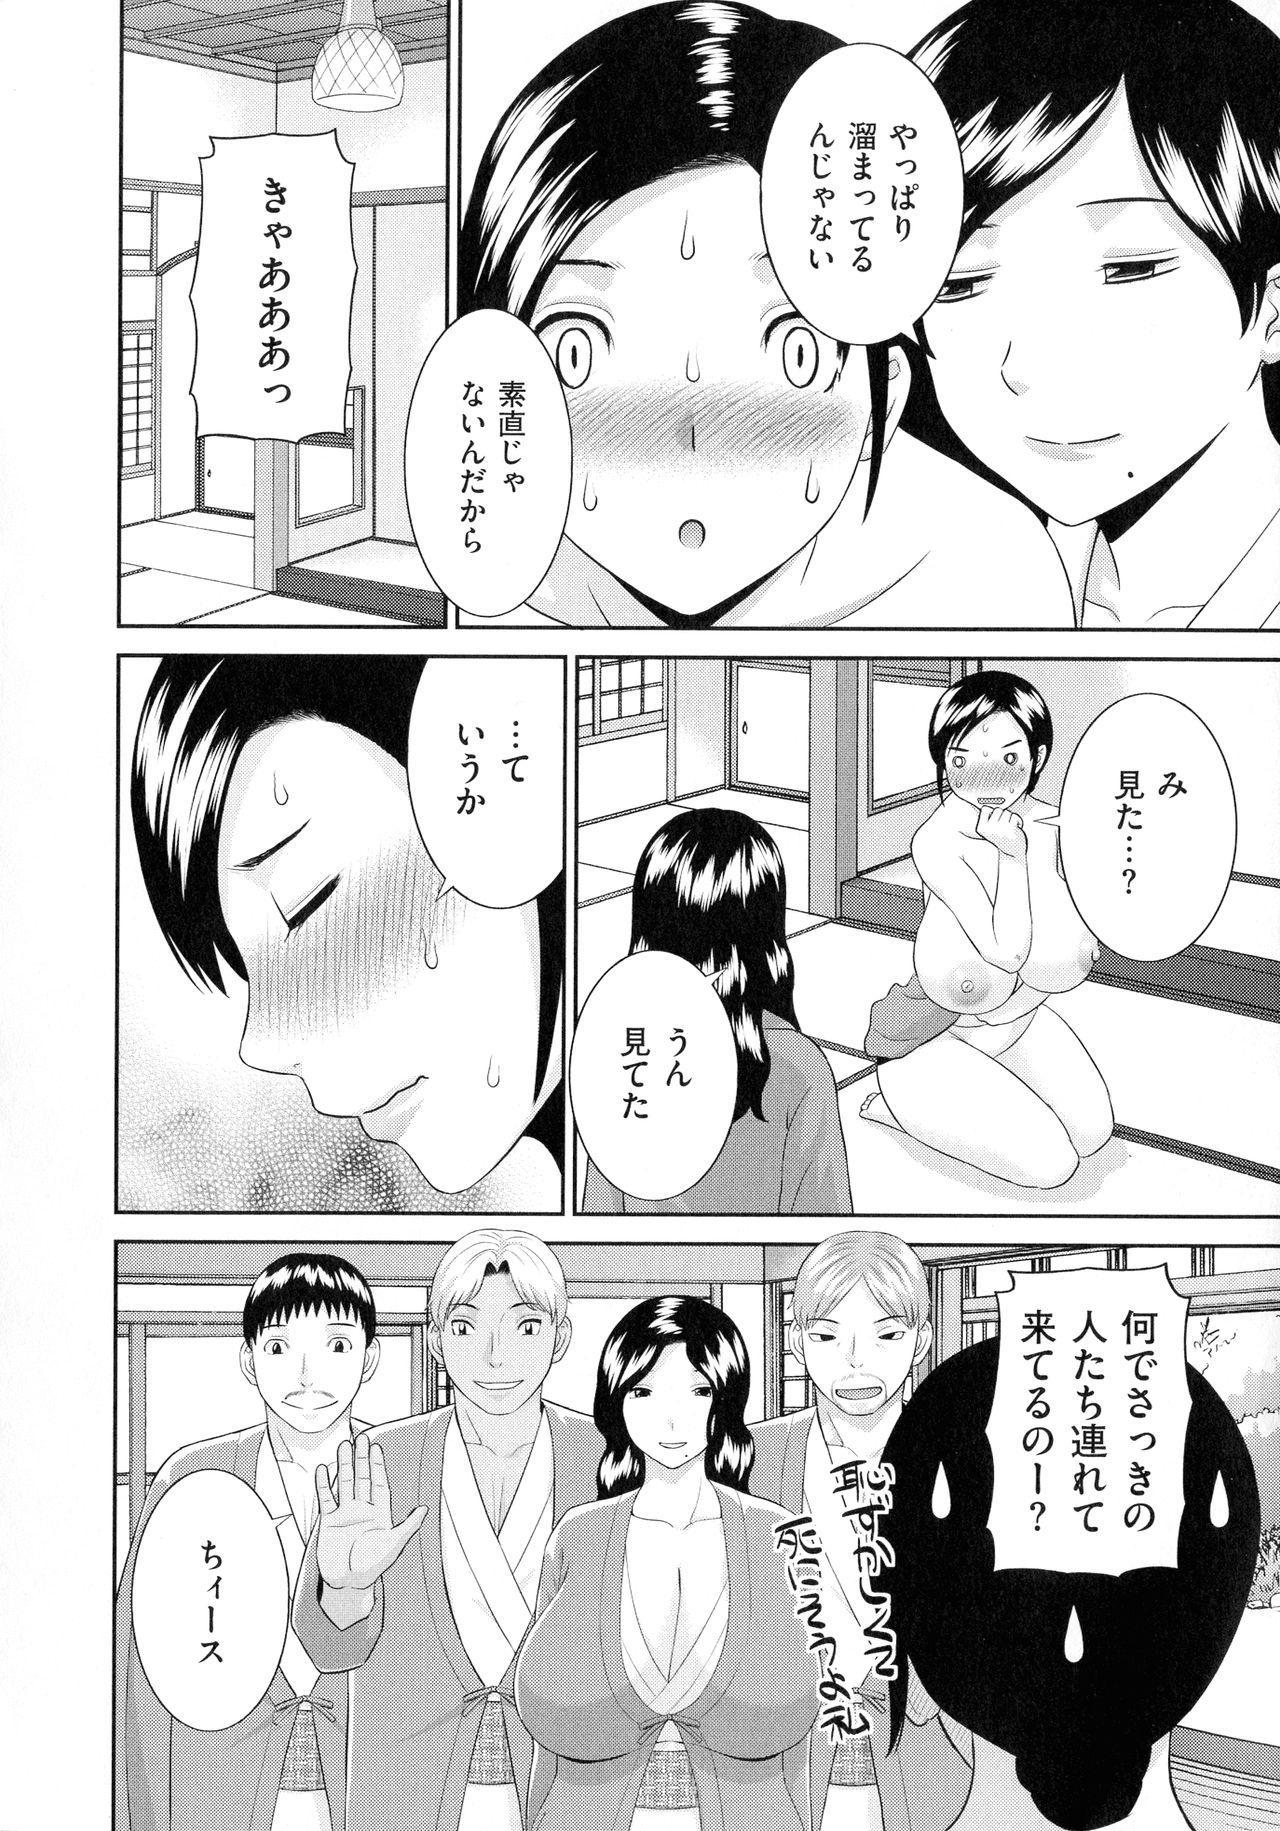 Tennen Torokeru Hatsujozuma 14